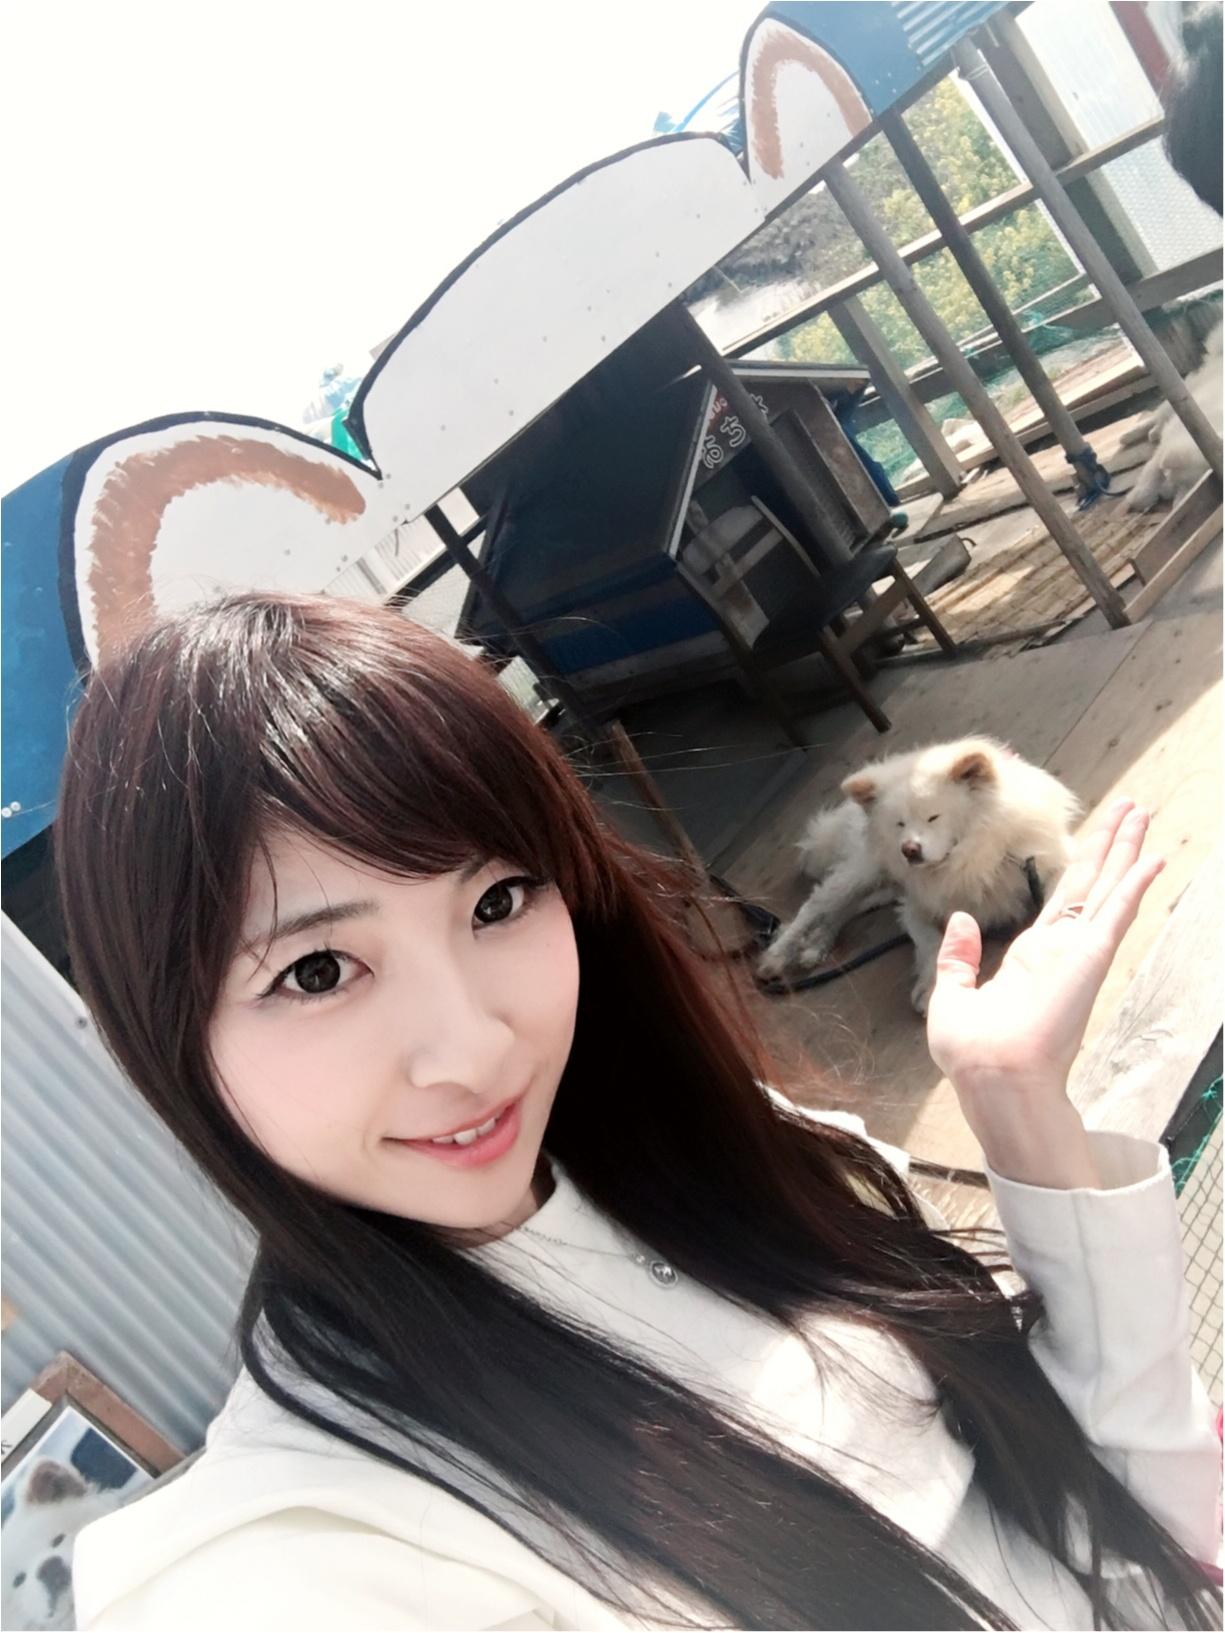 【ブサカワ犬わさお】に会える方法♡モアハピ◡̈のぞみ♡_2